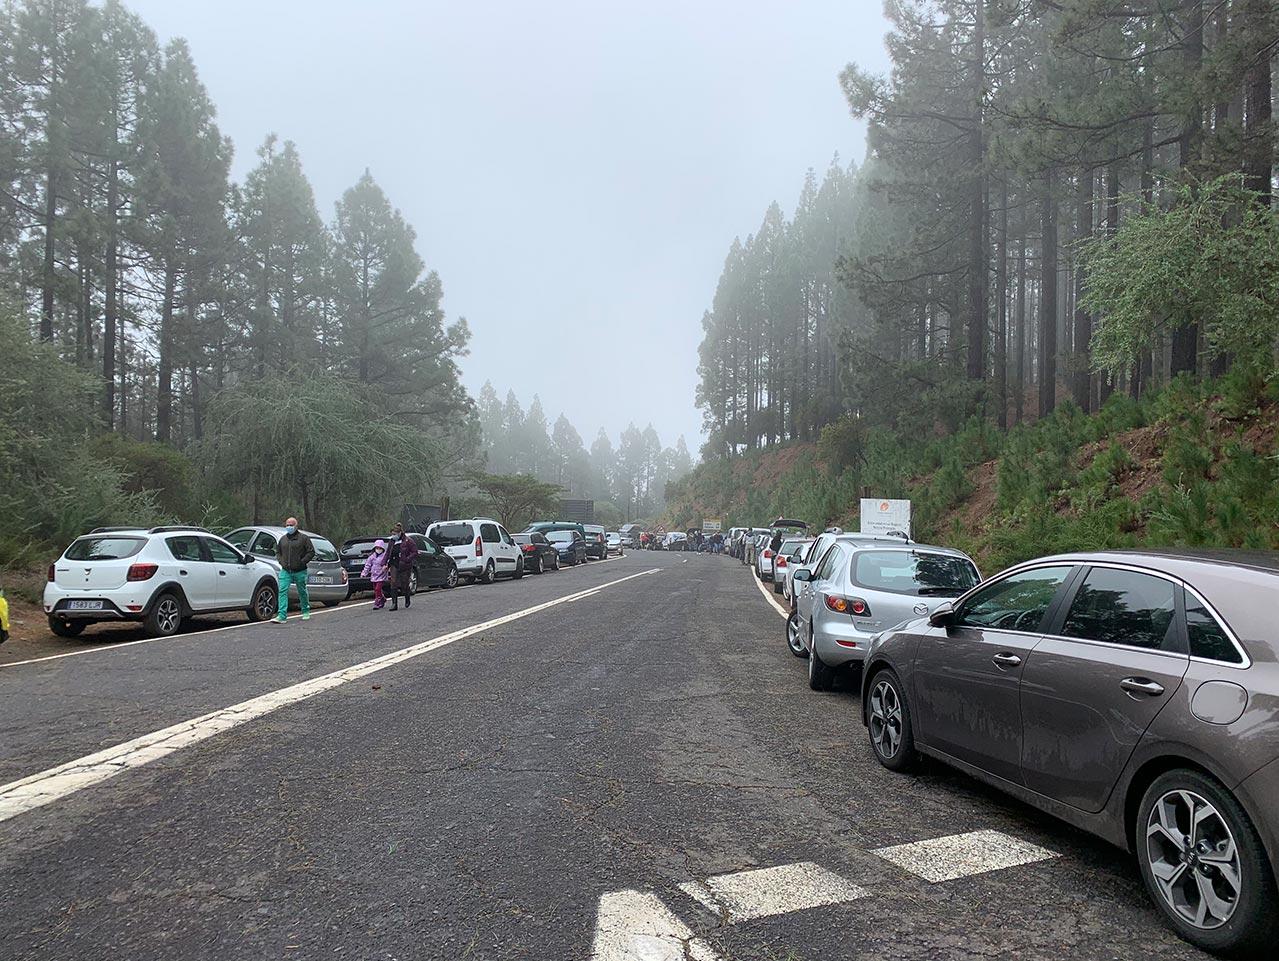 Am Straßenrand geparkte Autos